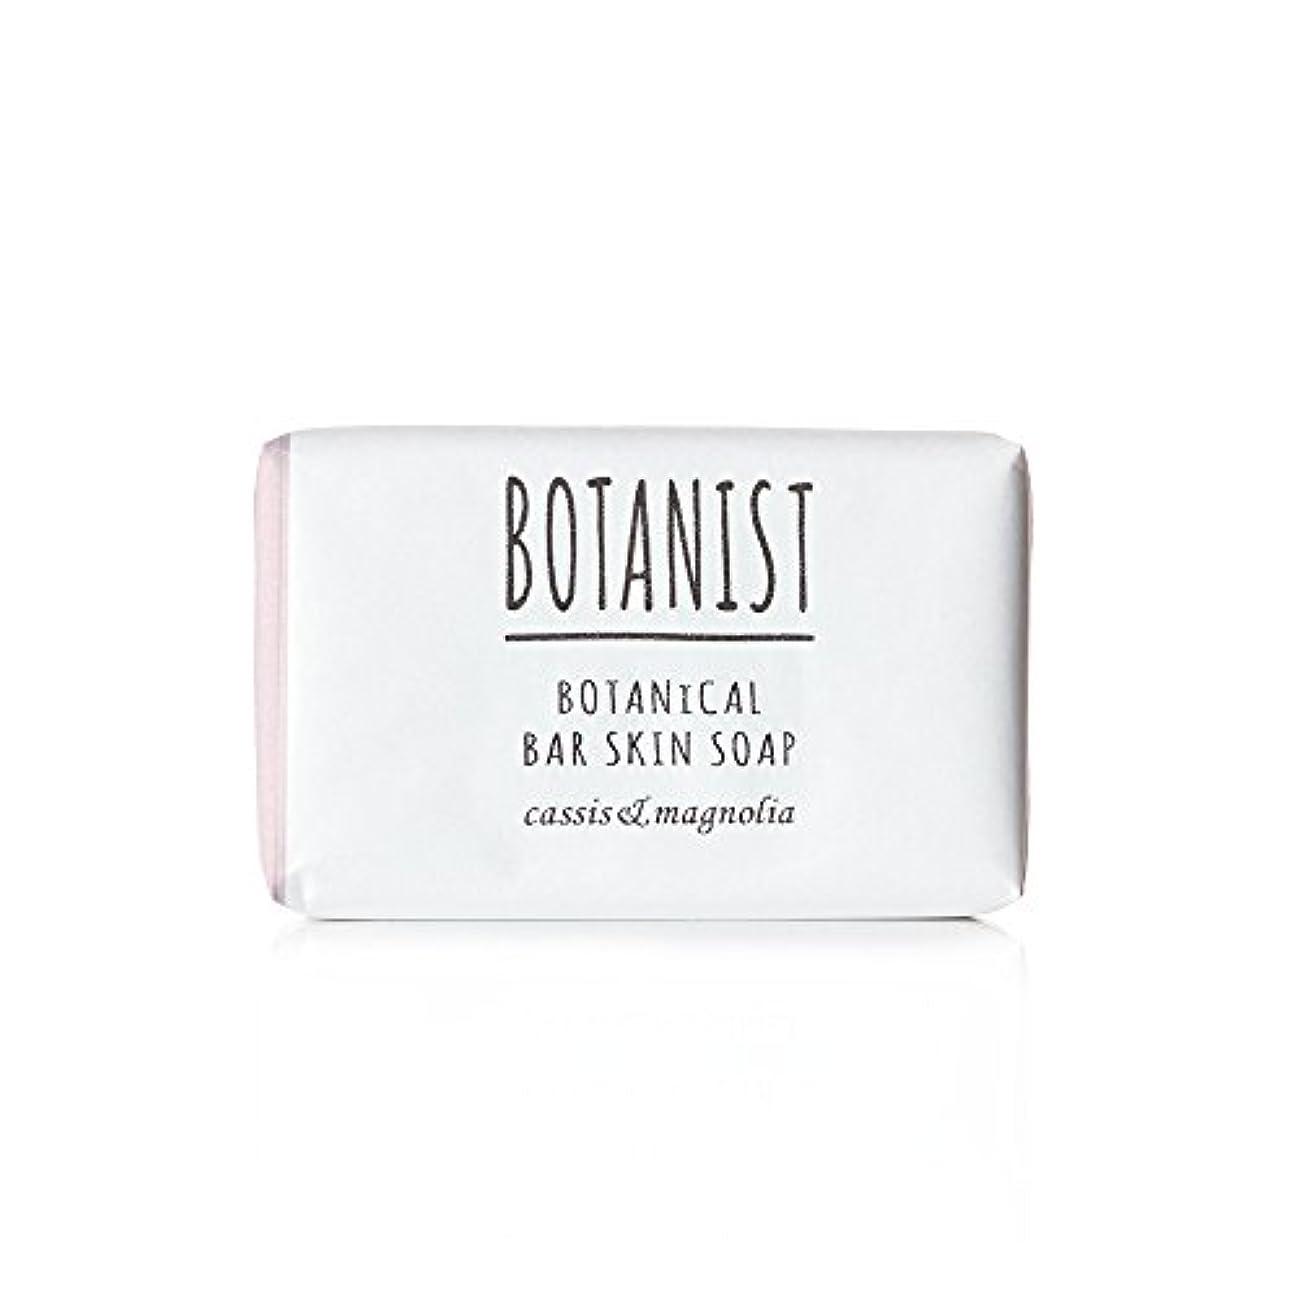 BOTANIST ボタニスト ボタニカル バースキンソープ 100g カシス&マグノリア